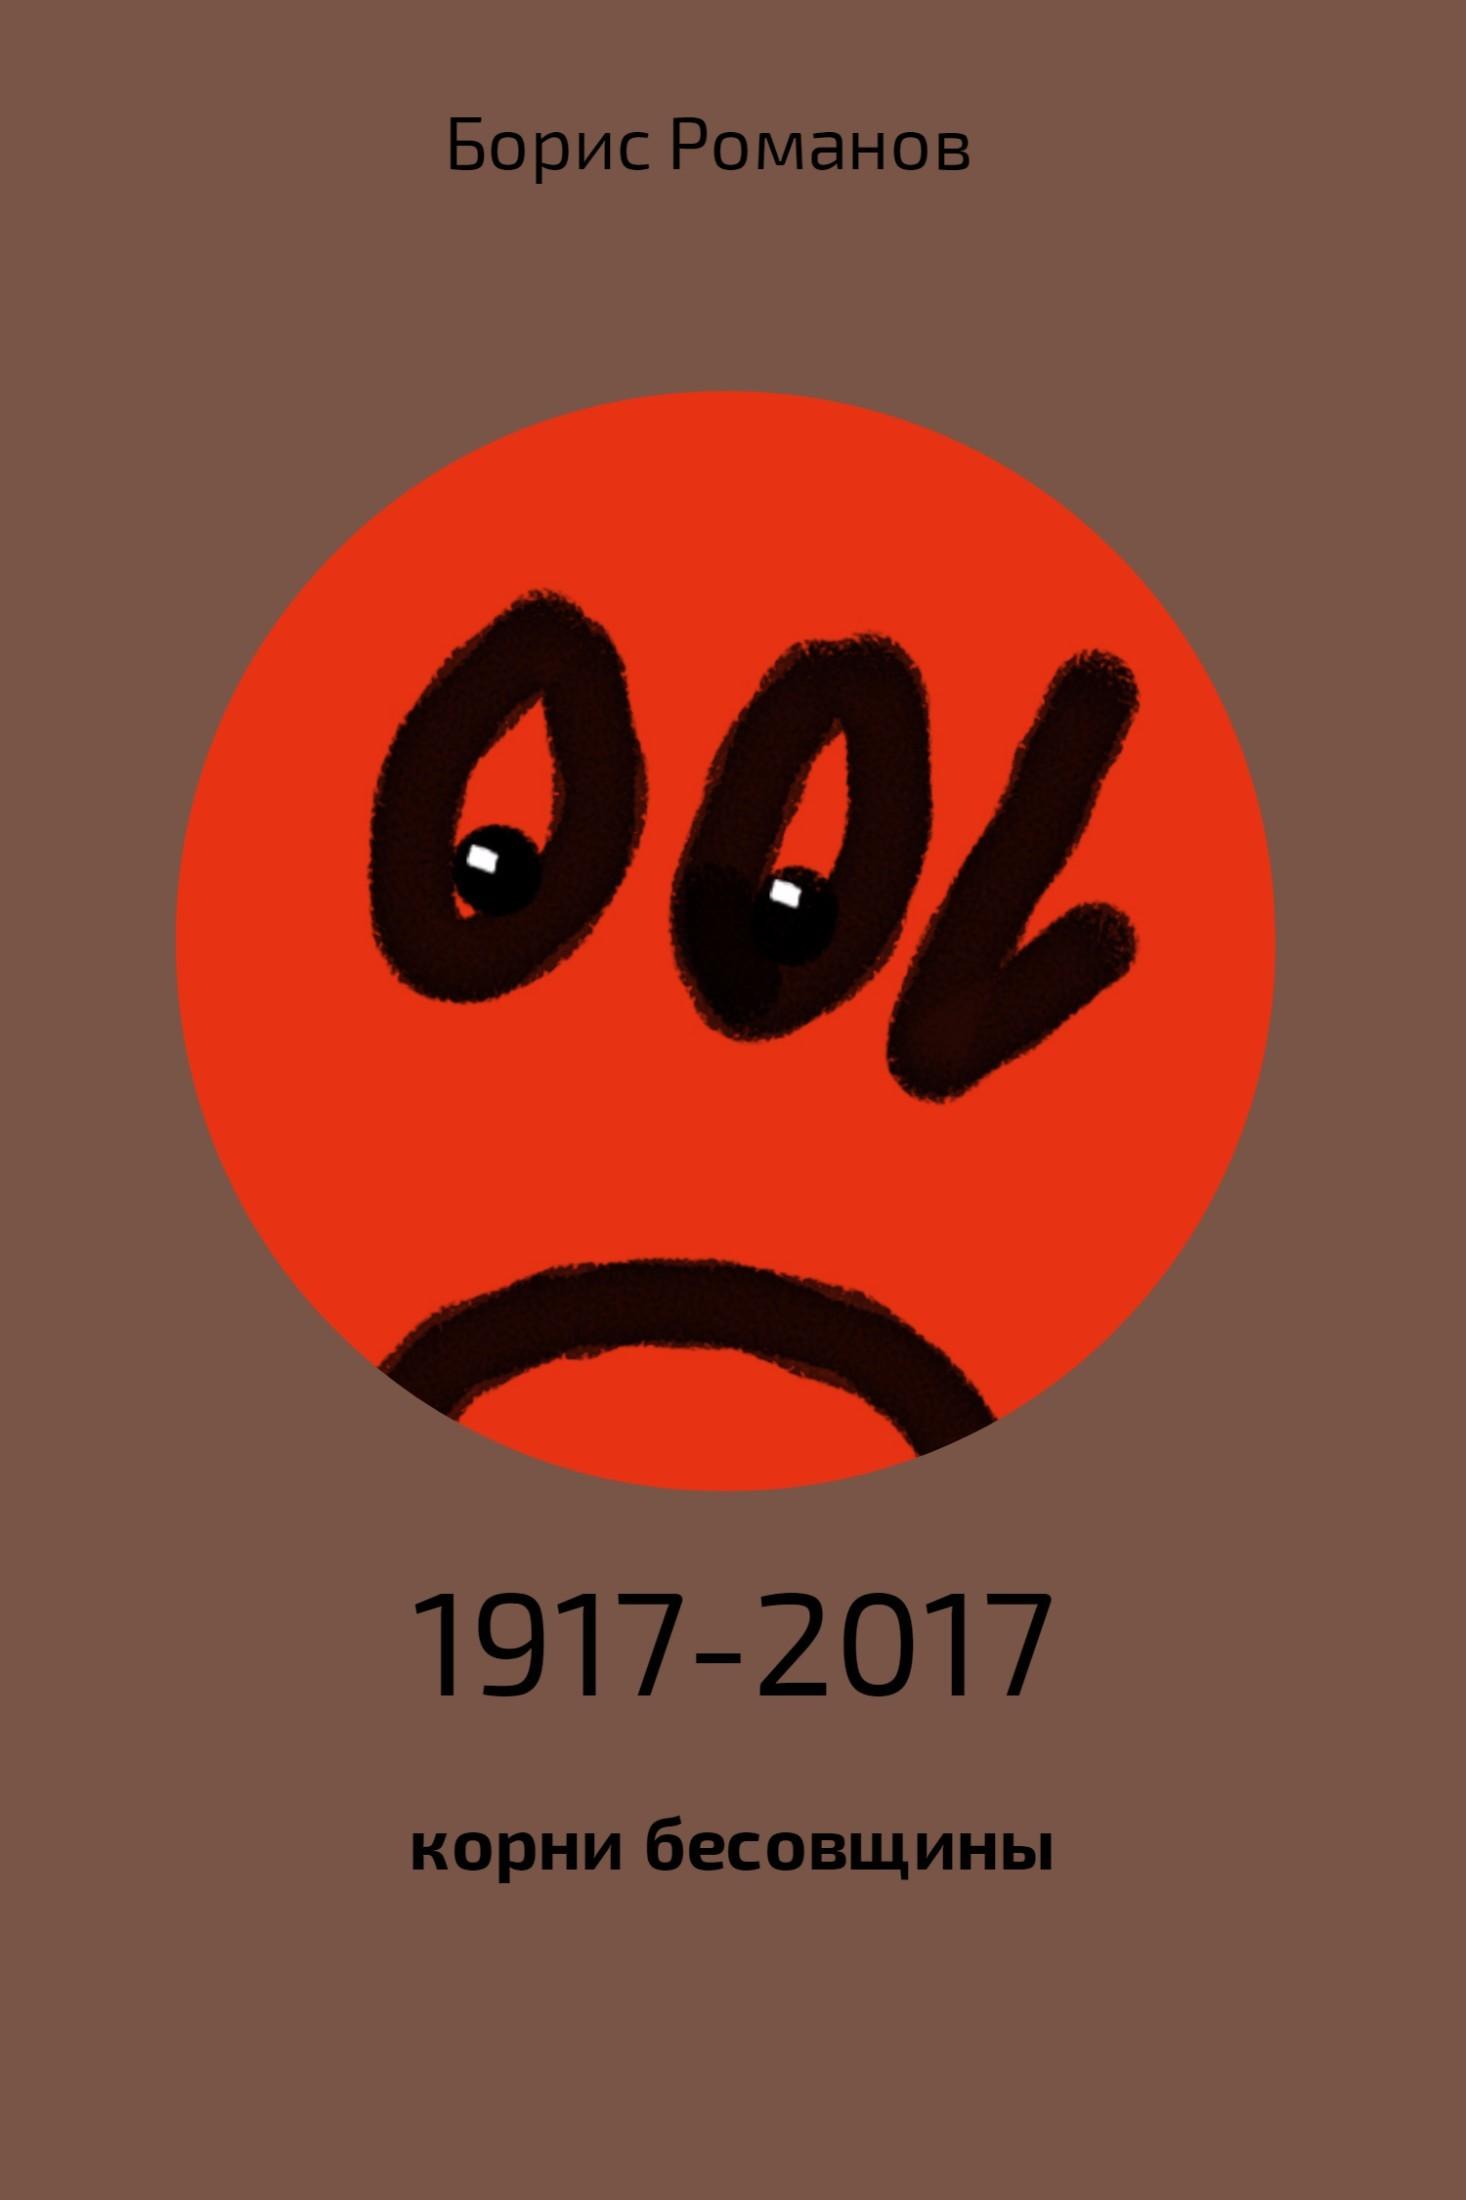 1917-2017: корни бесовщины